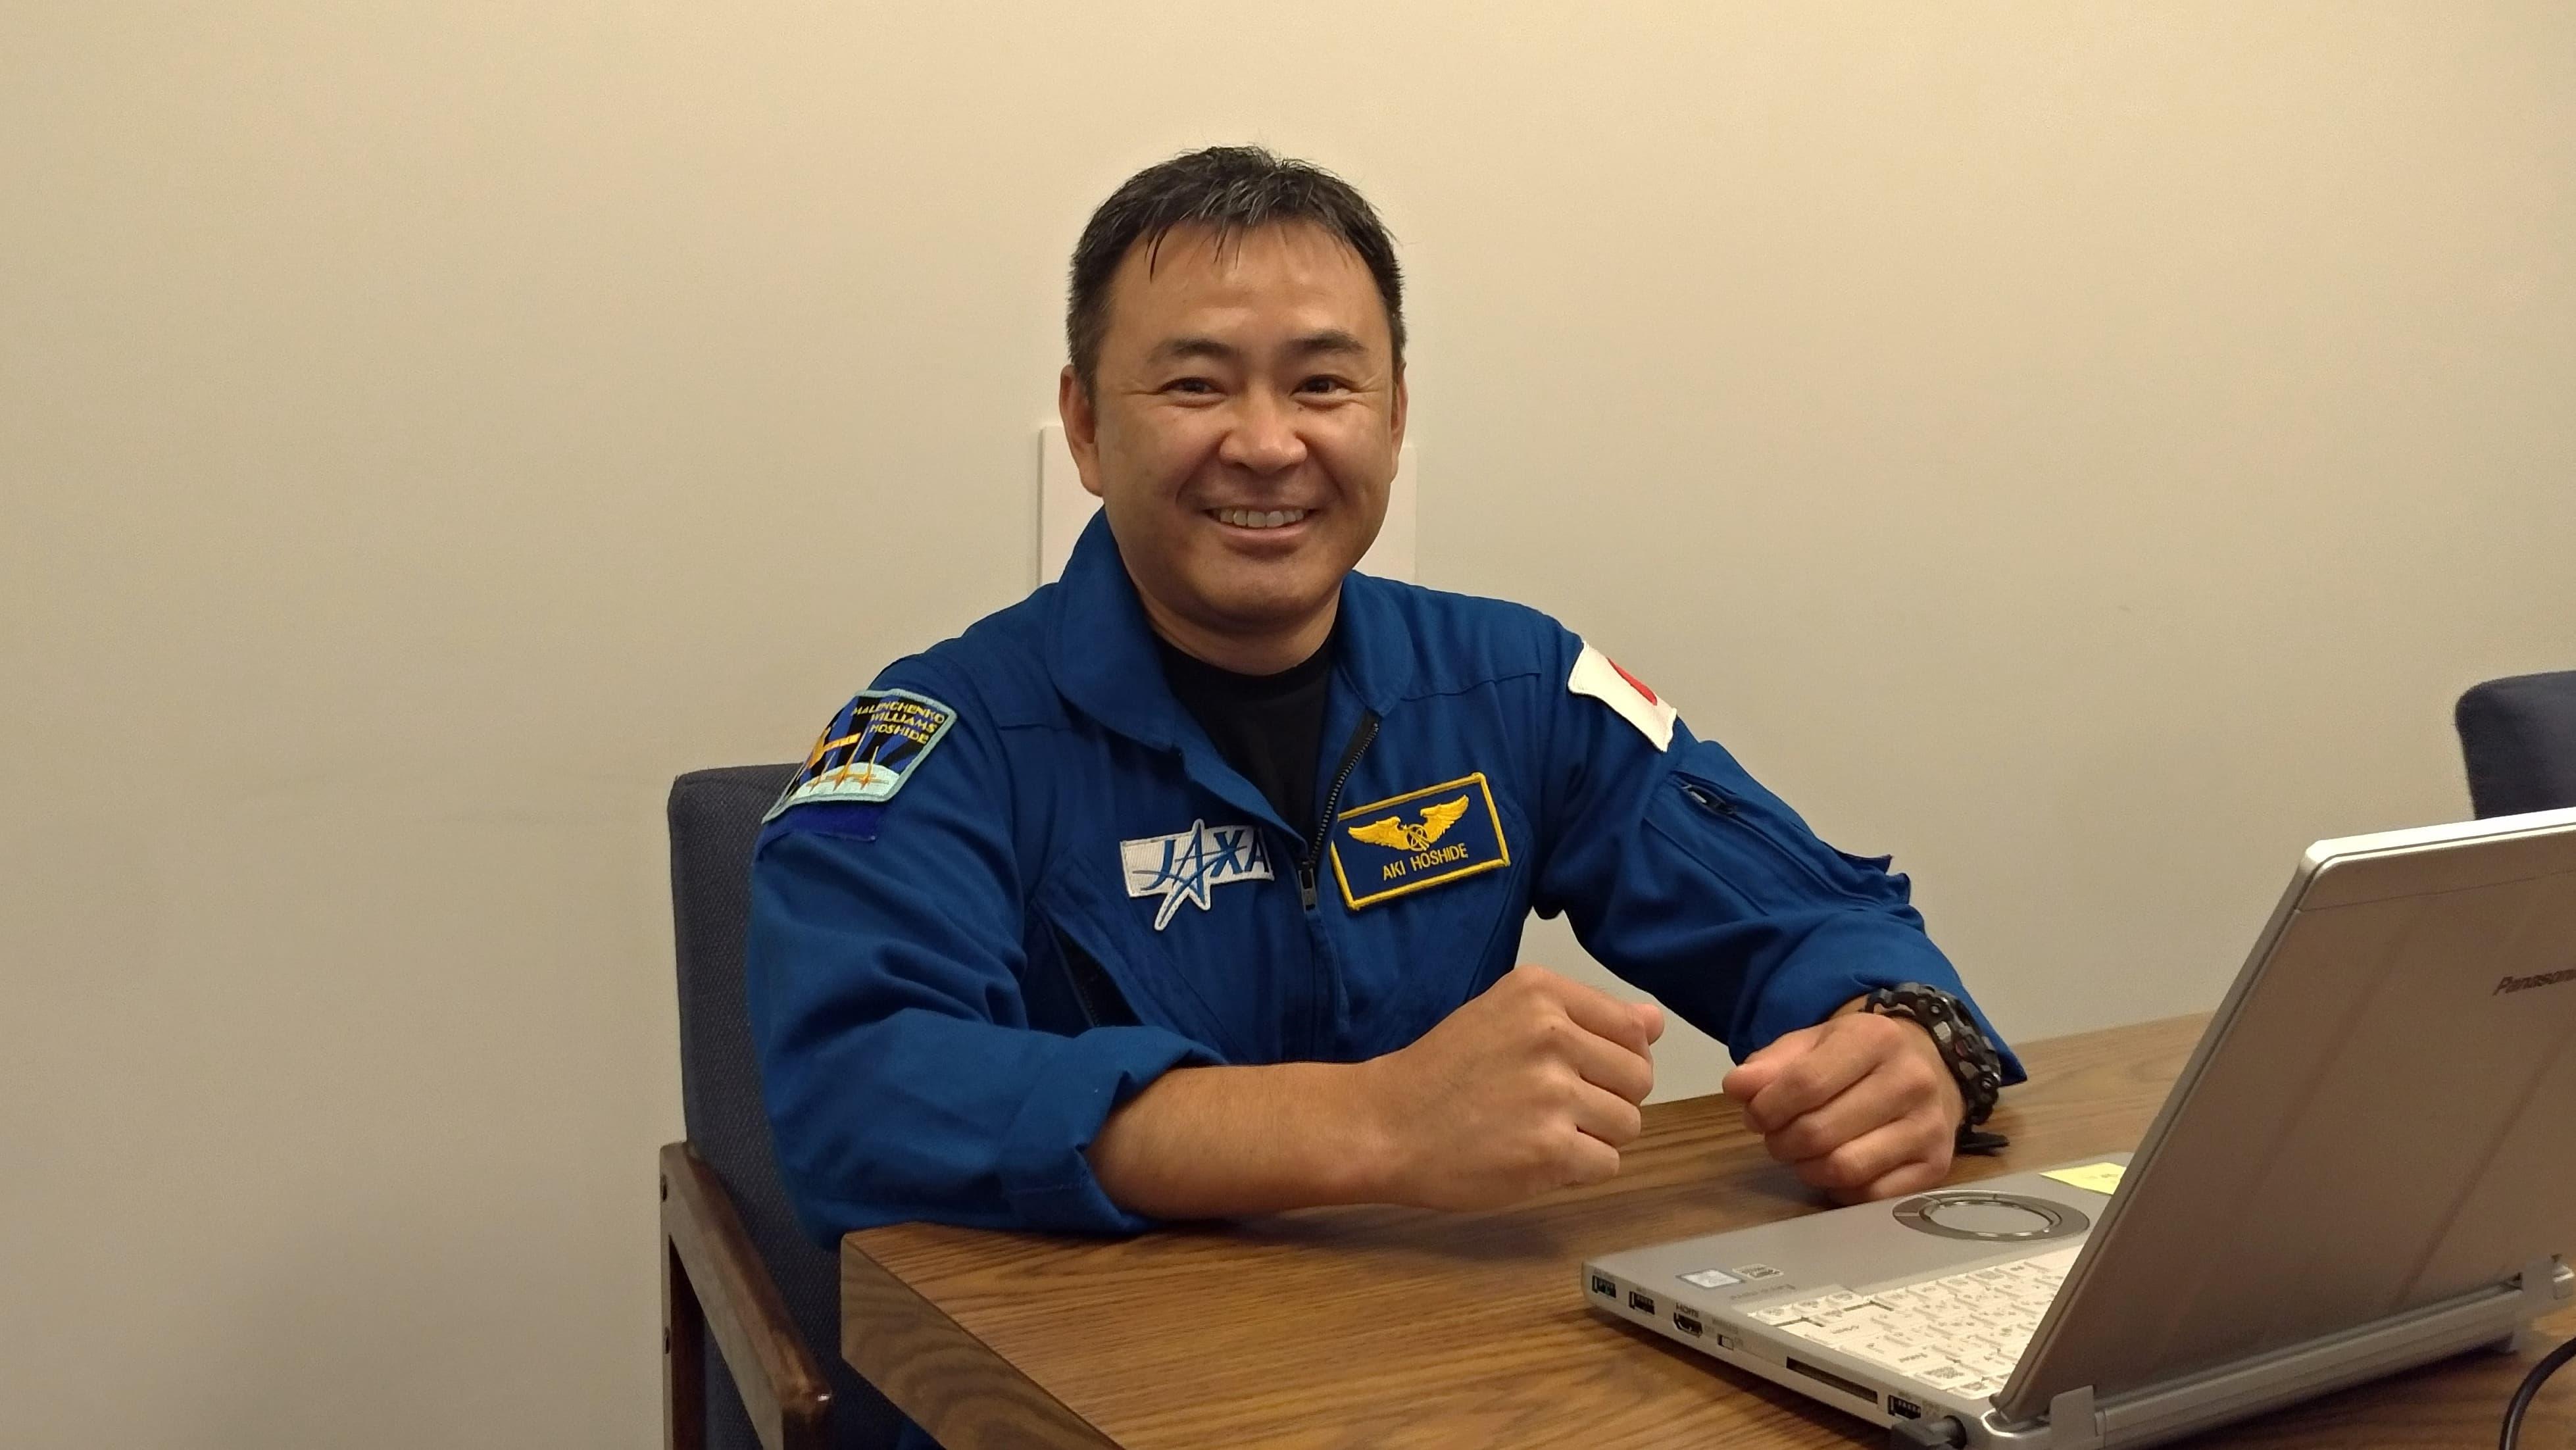 星出彰彦宇宙飛行士が3回目のミッションへ  ー中高生へメッセージー